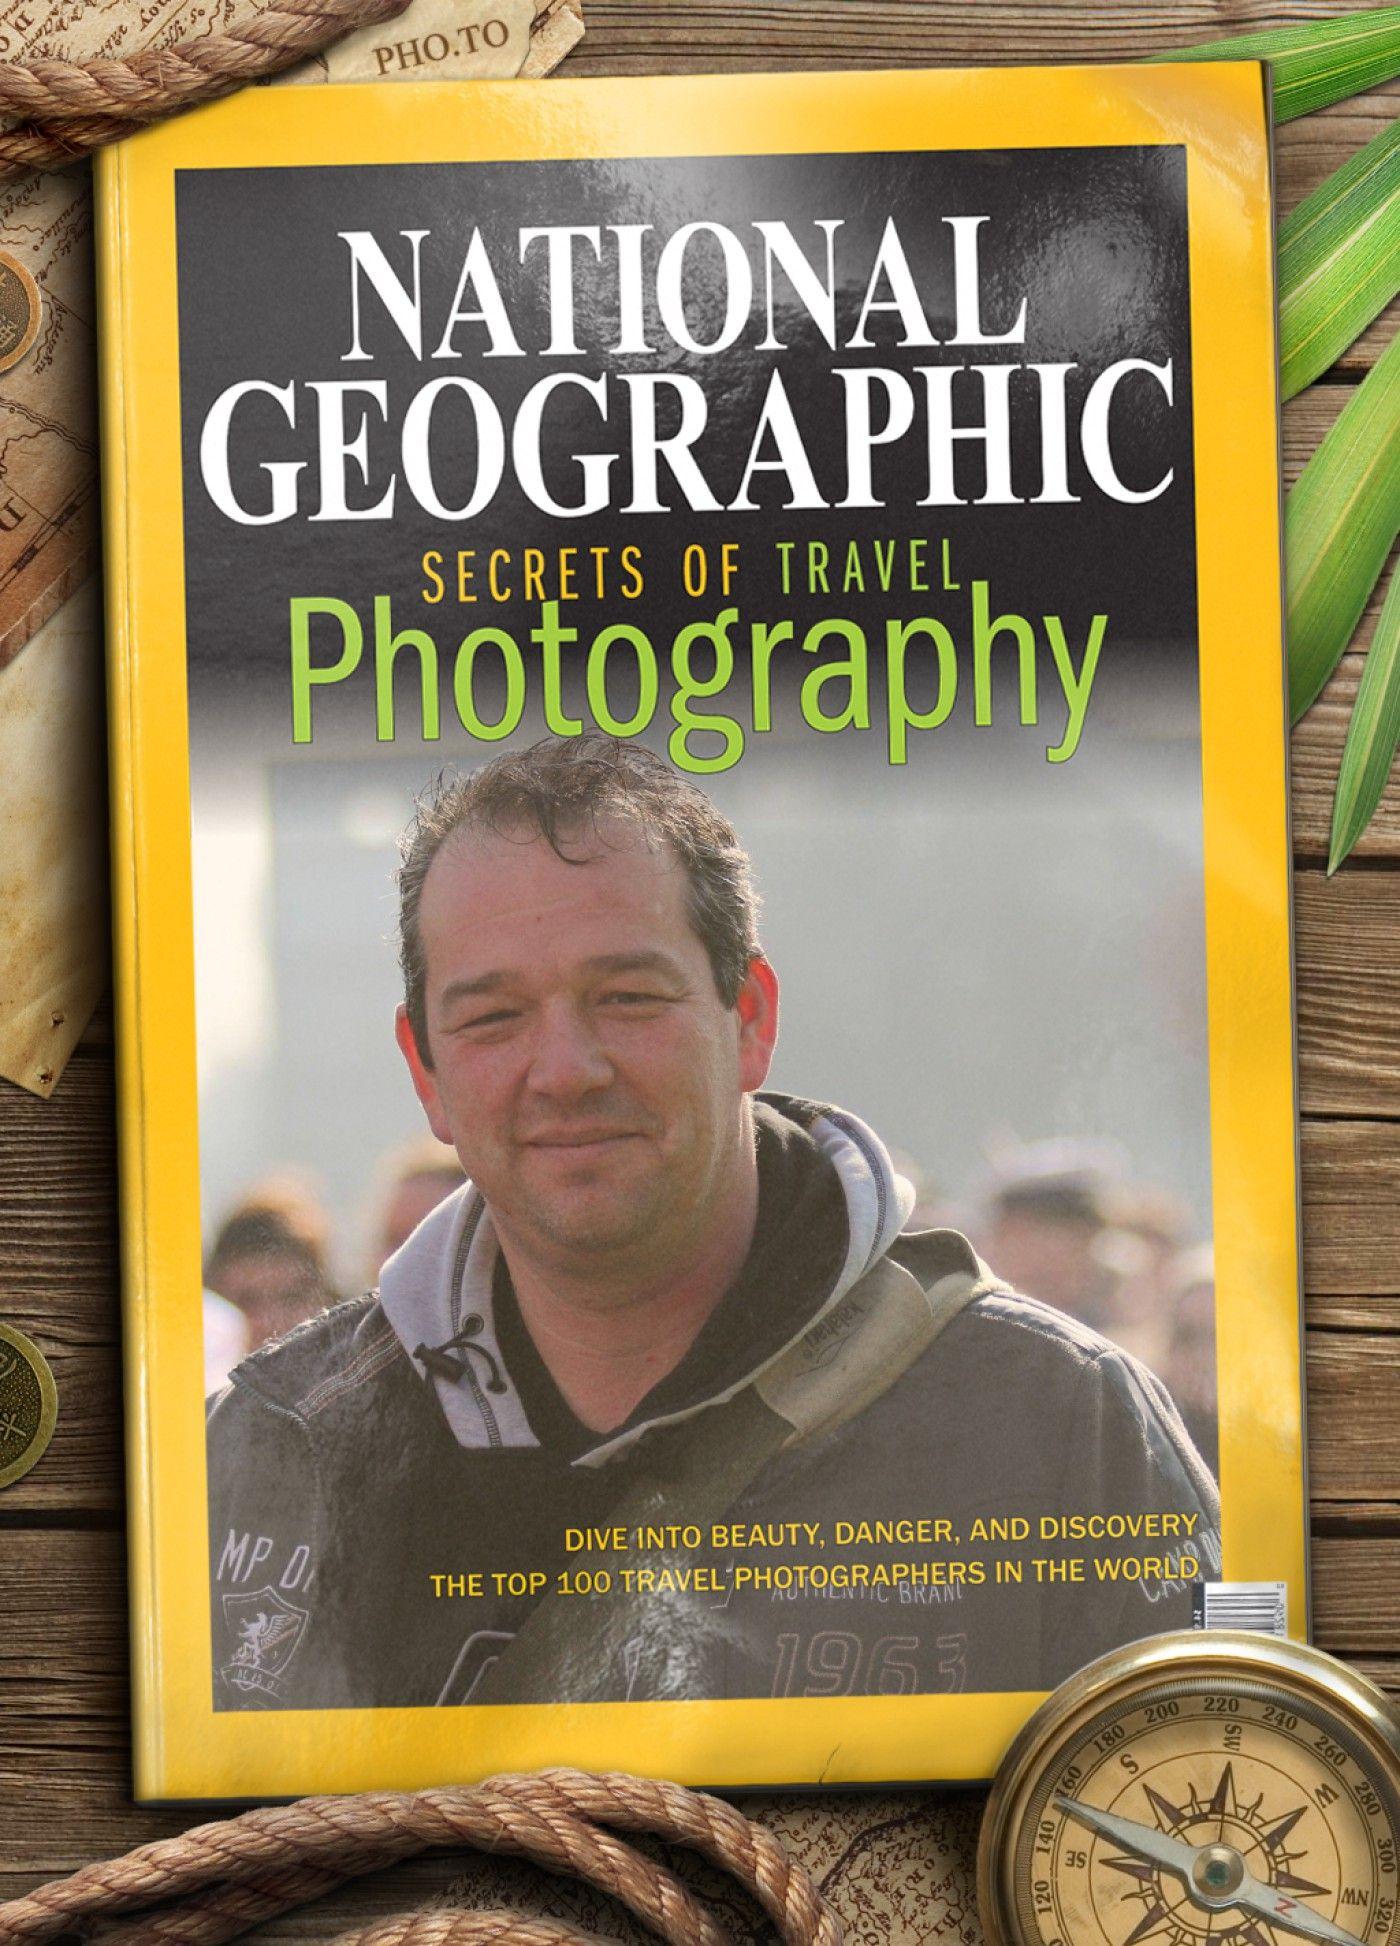 Funny.Pho.to - Schaffen Sie lustige Fotos on-line | Machen Sie Fotocollagen aus Porträts.